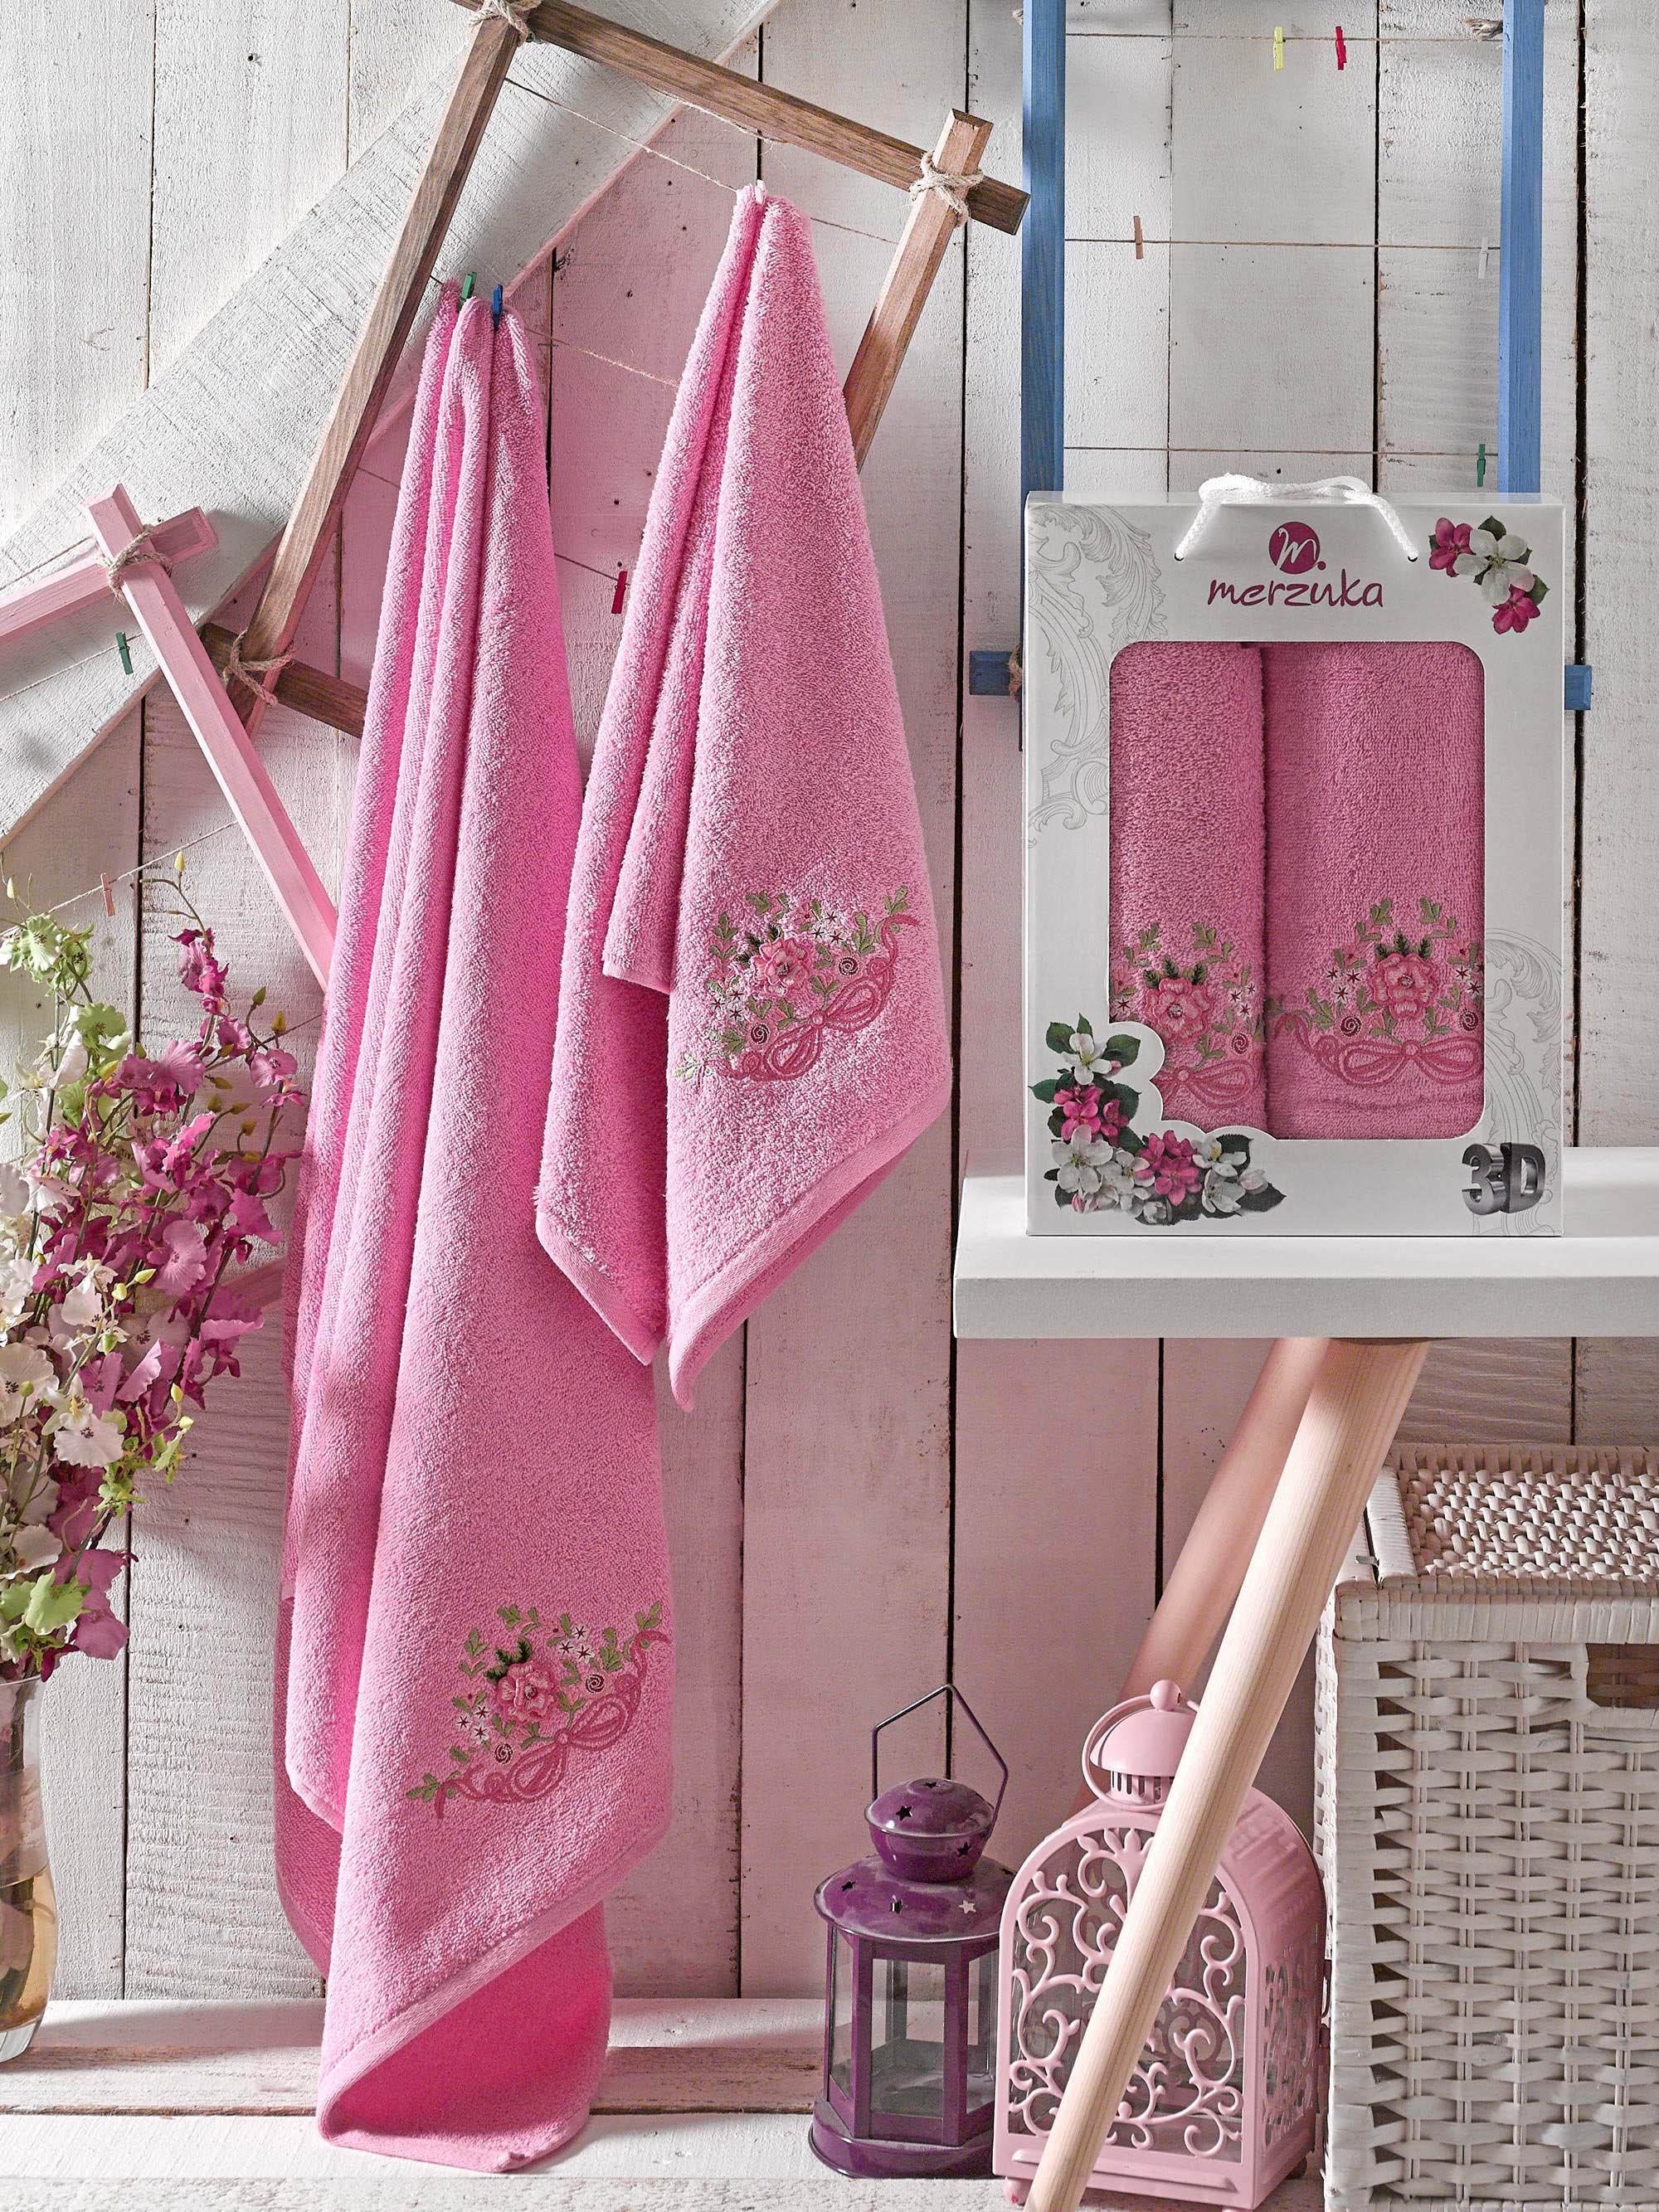 Полотенца Oran Merzuka Полотенце Demo Цвет: Розовый (50х90 см,70х140 см) набор из 2 полотенец merzuka sakura 50х90 70х140 8430 кремовый